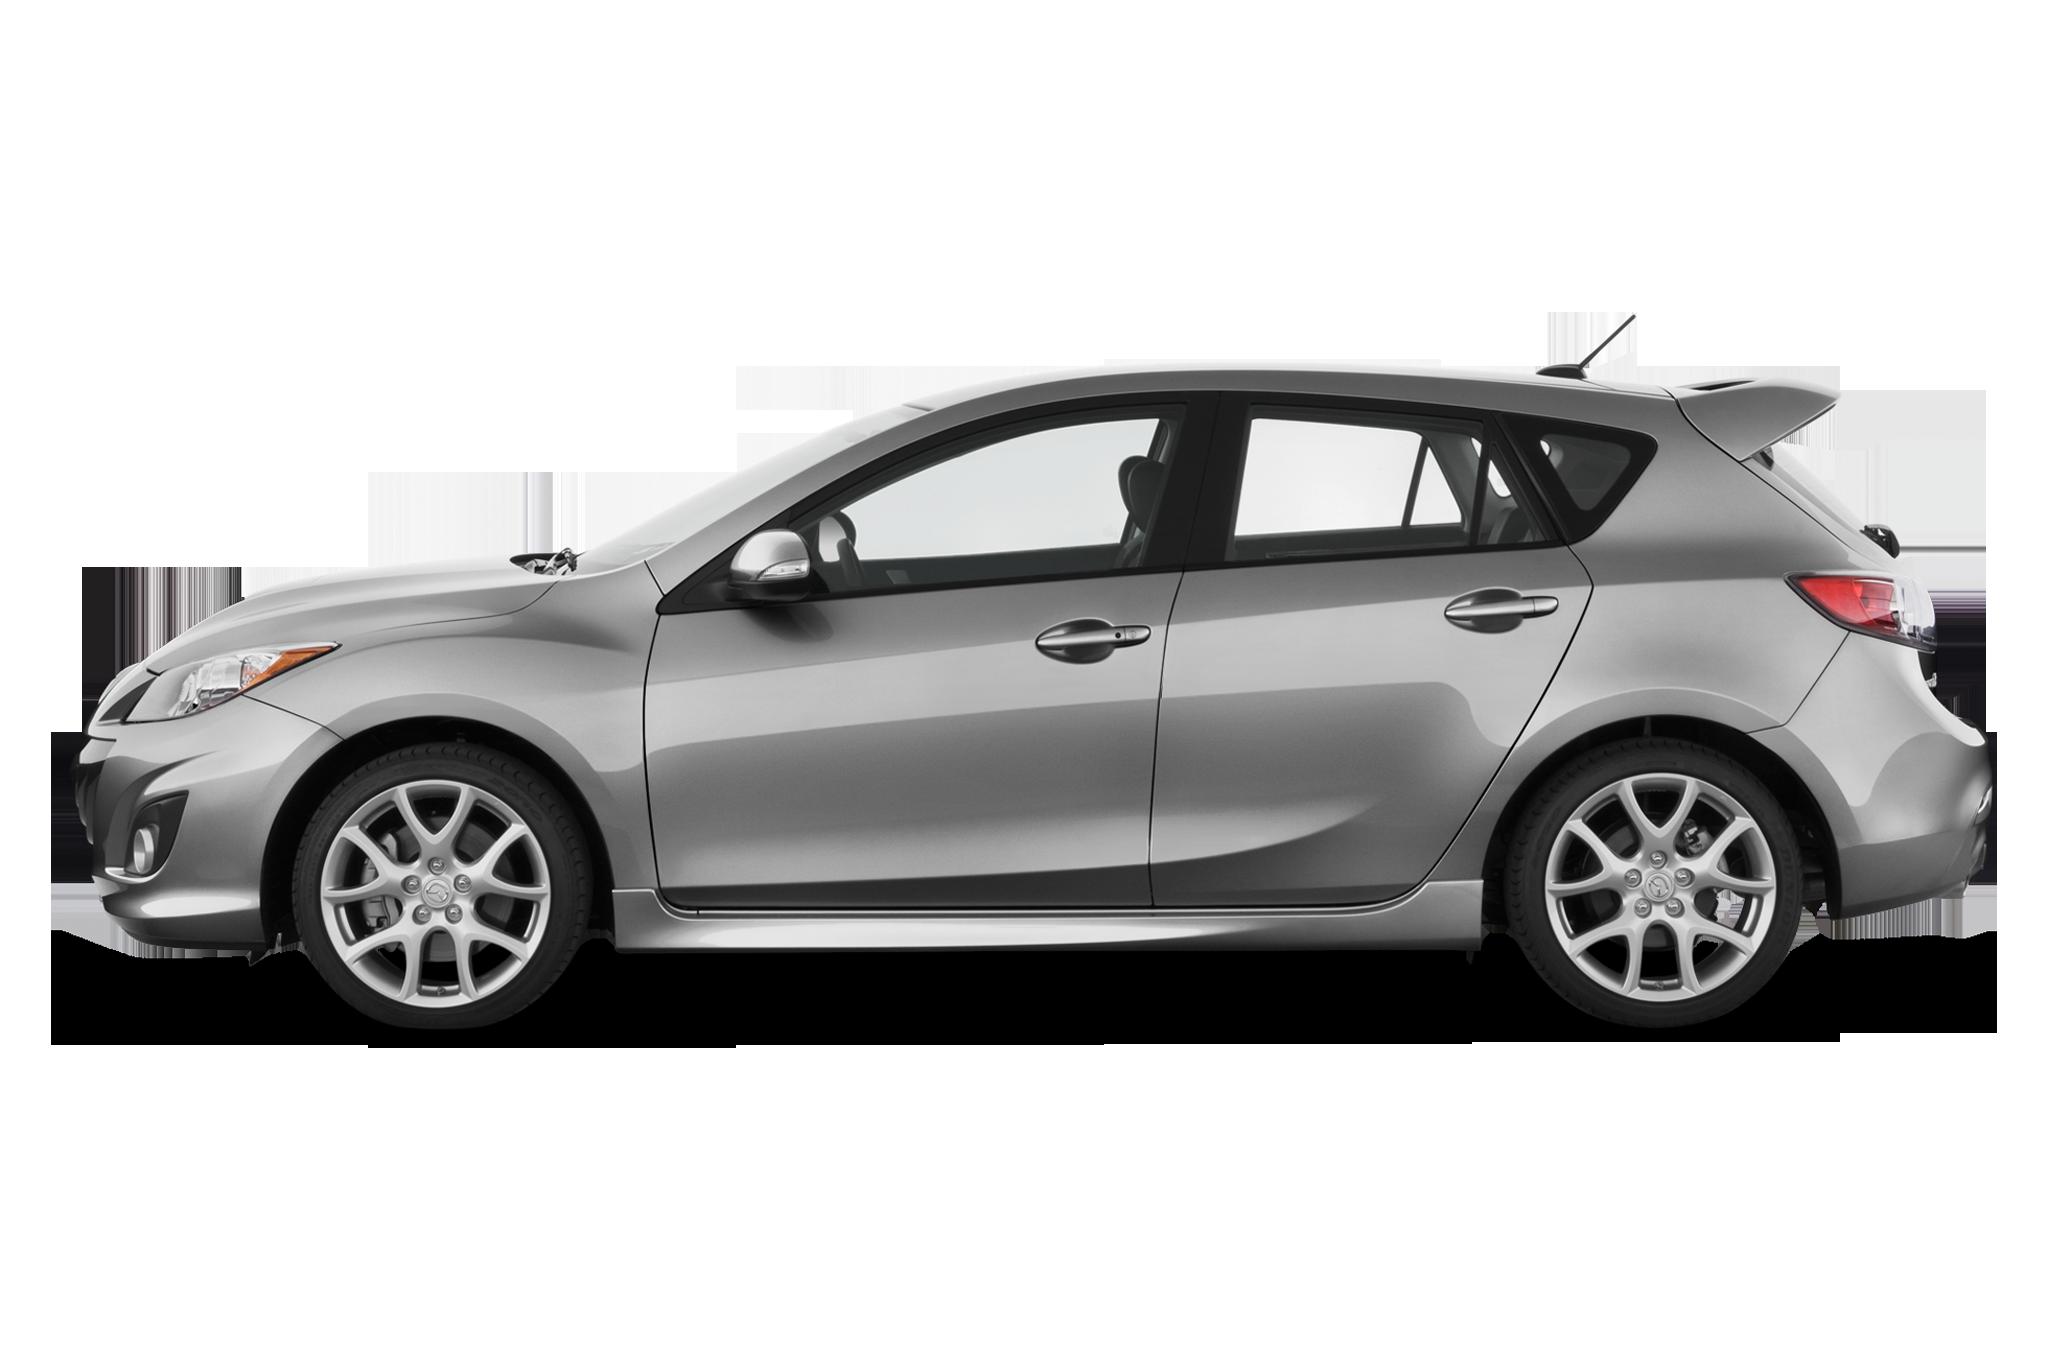 2010 Mazda 3 Vs Mazdaspeed 3 Mazda Sports Hatchback